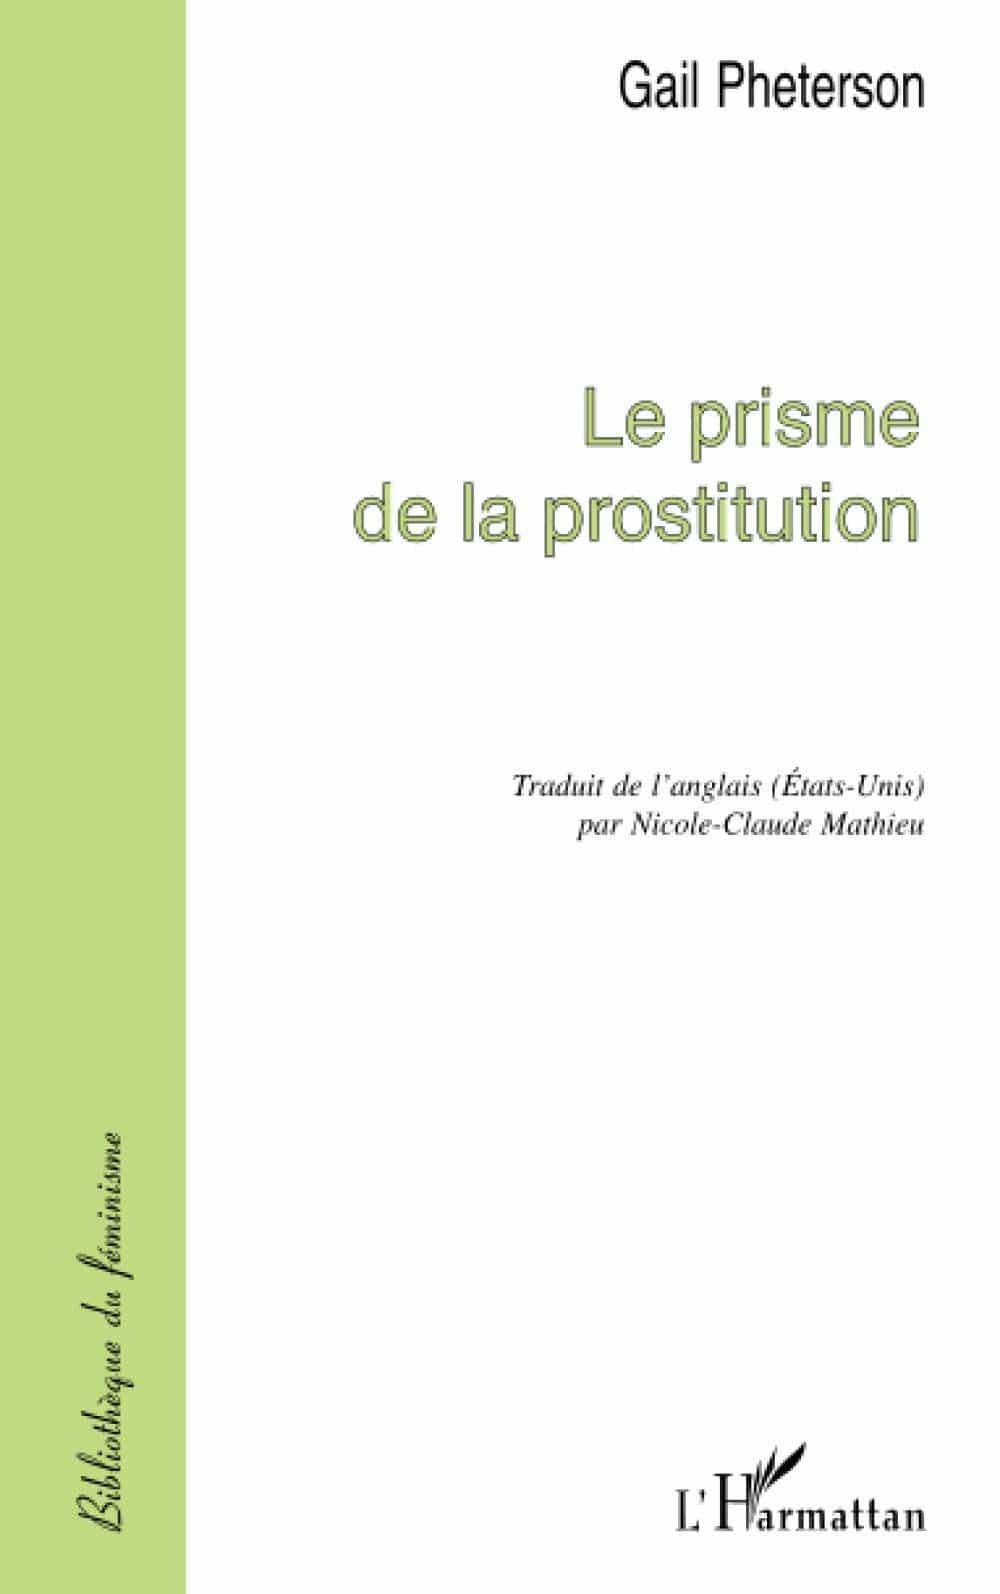 Gail Pheterson, Le prisme de la prostitution